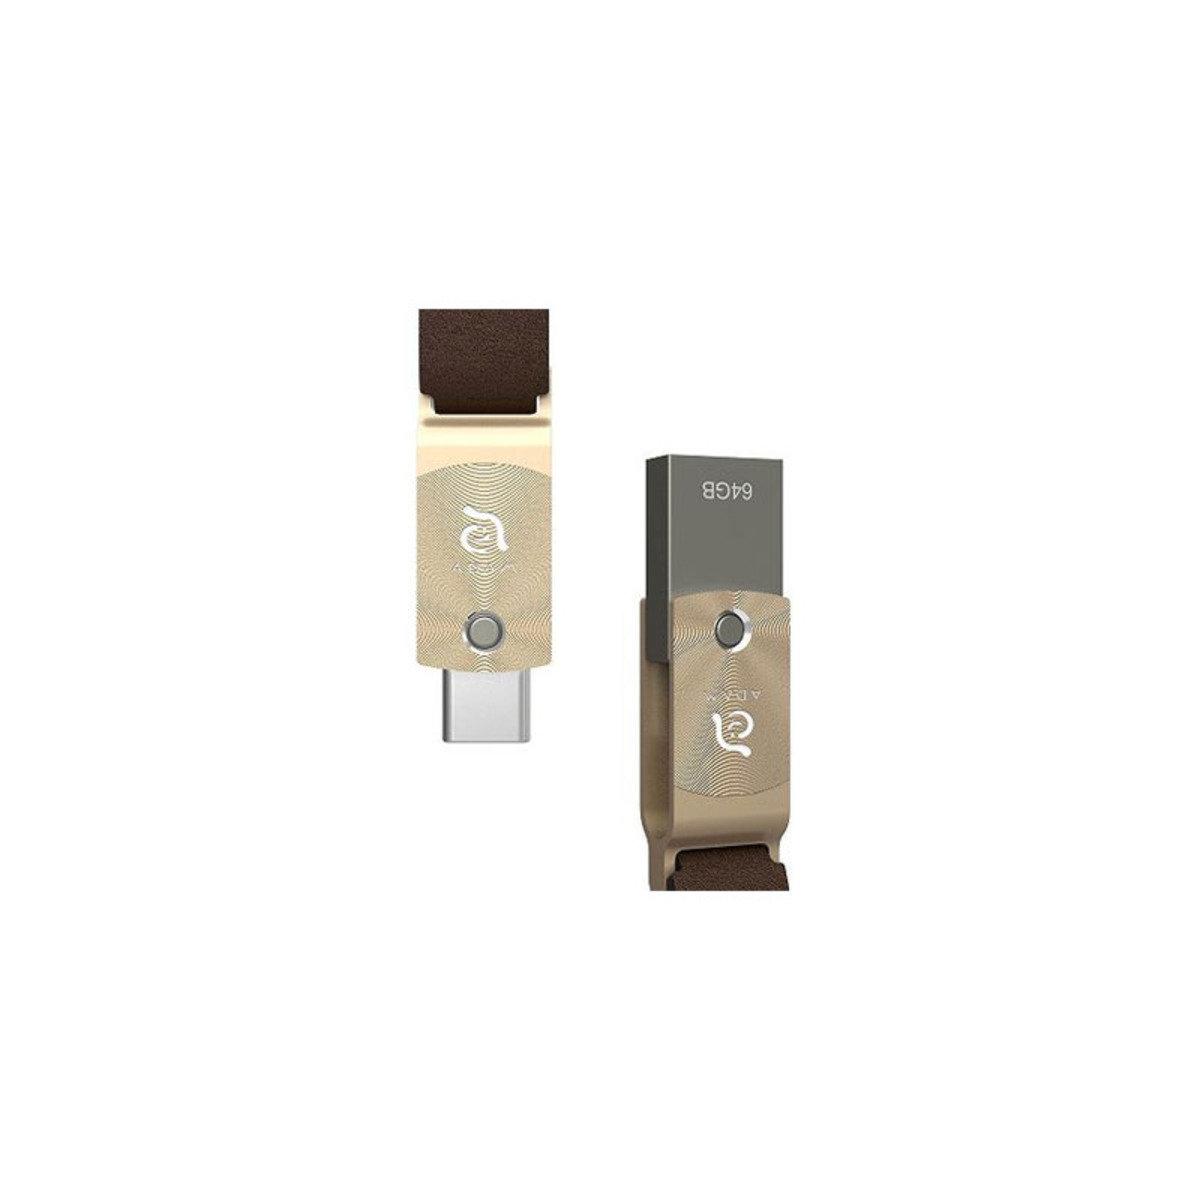 ROMA USB3.1 Type-C & A 64GB 雙頭隨身碟 金色